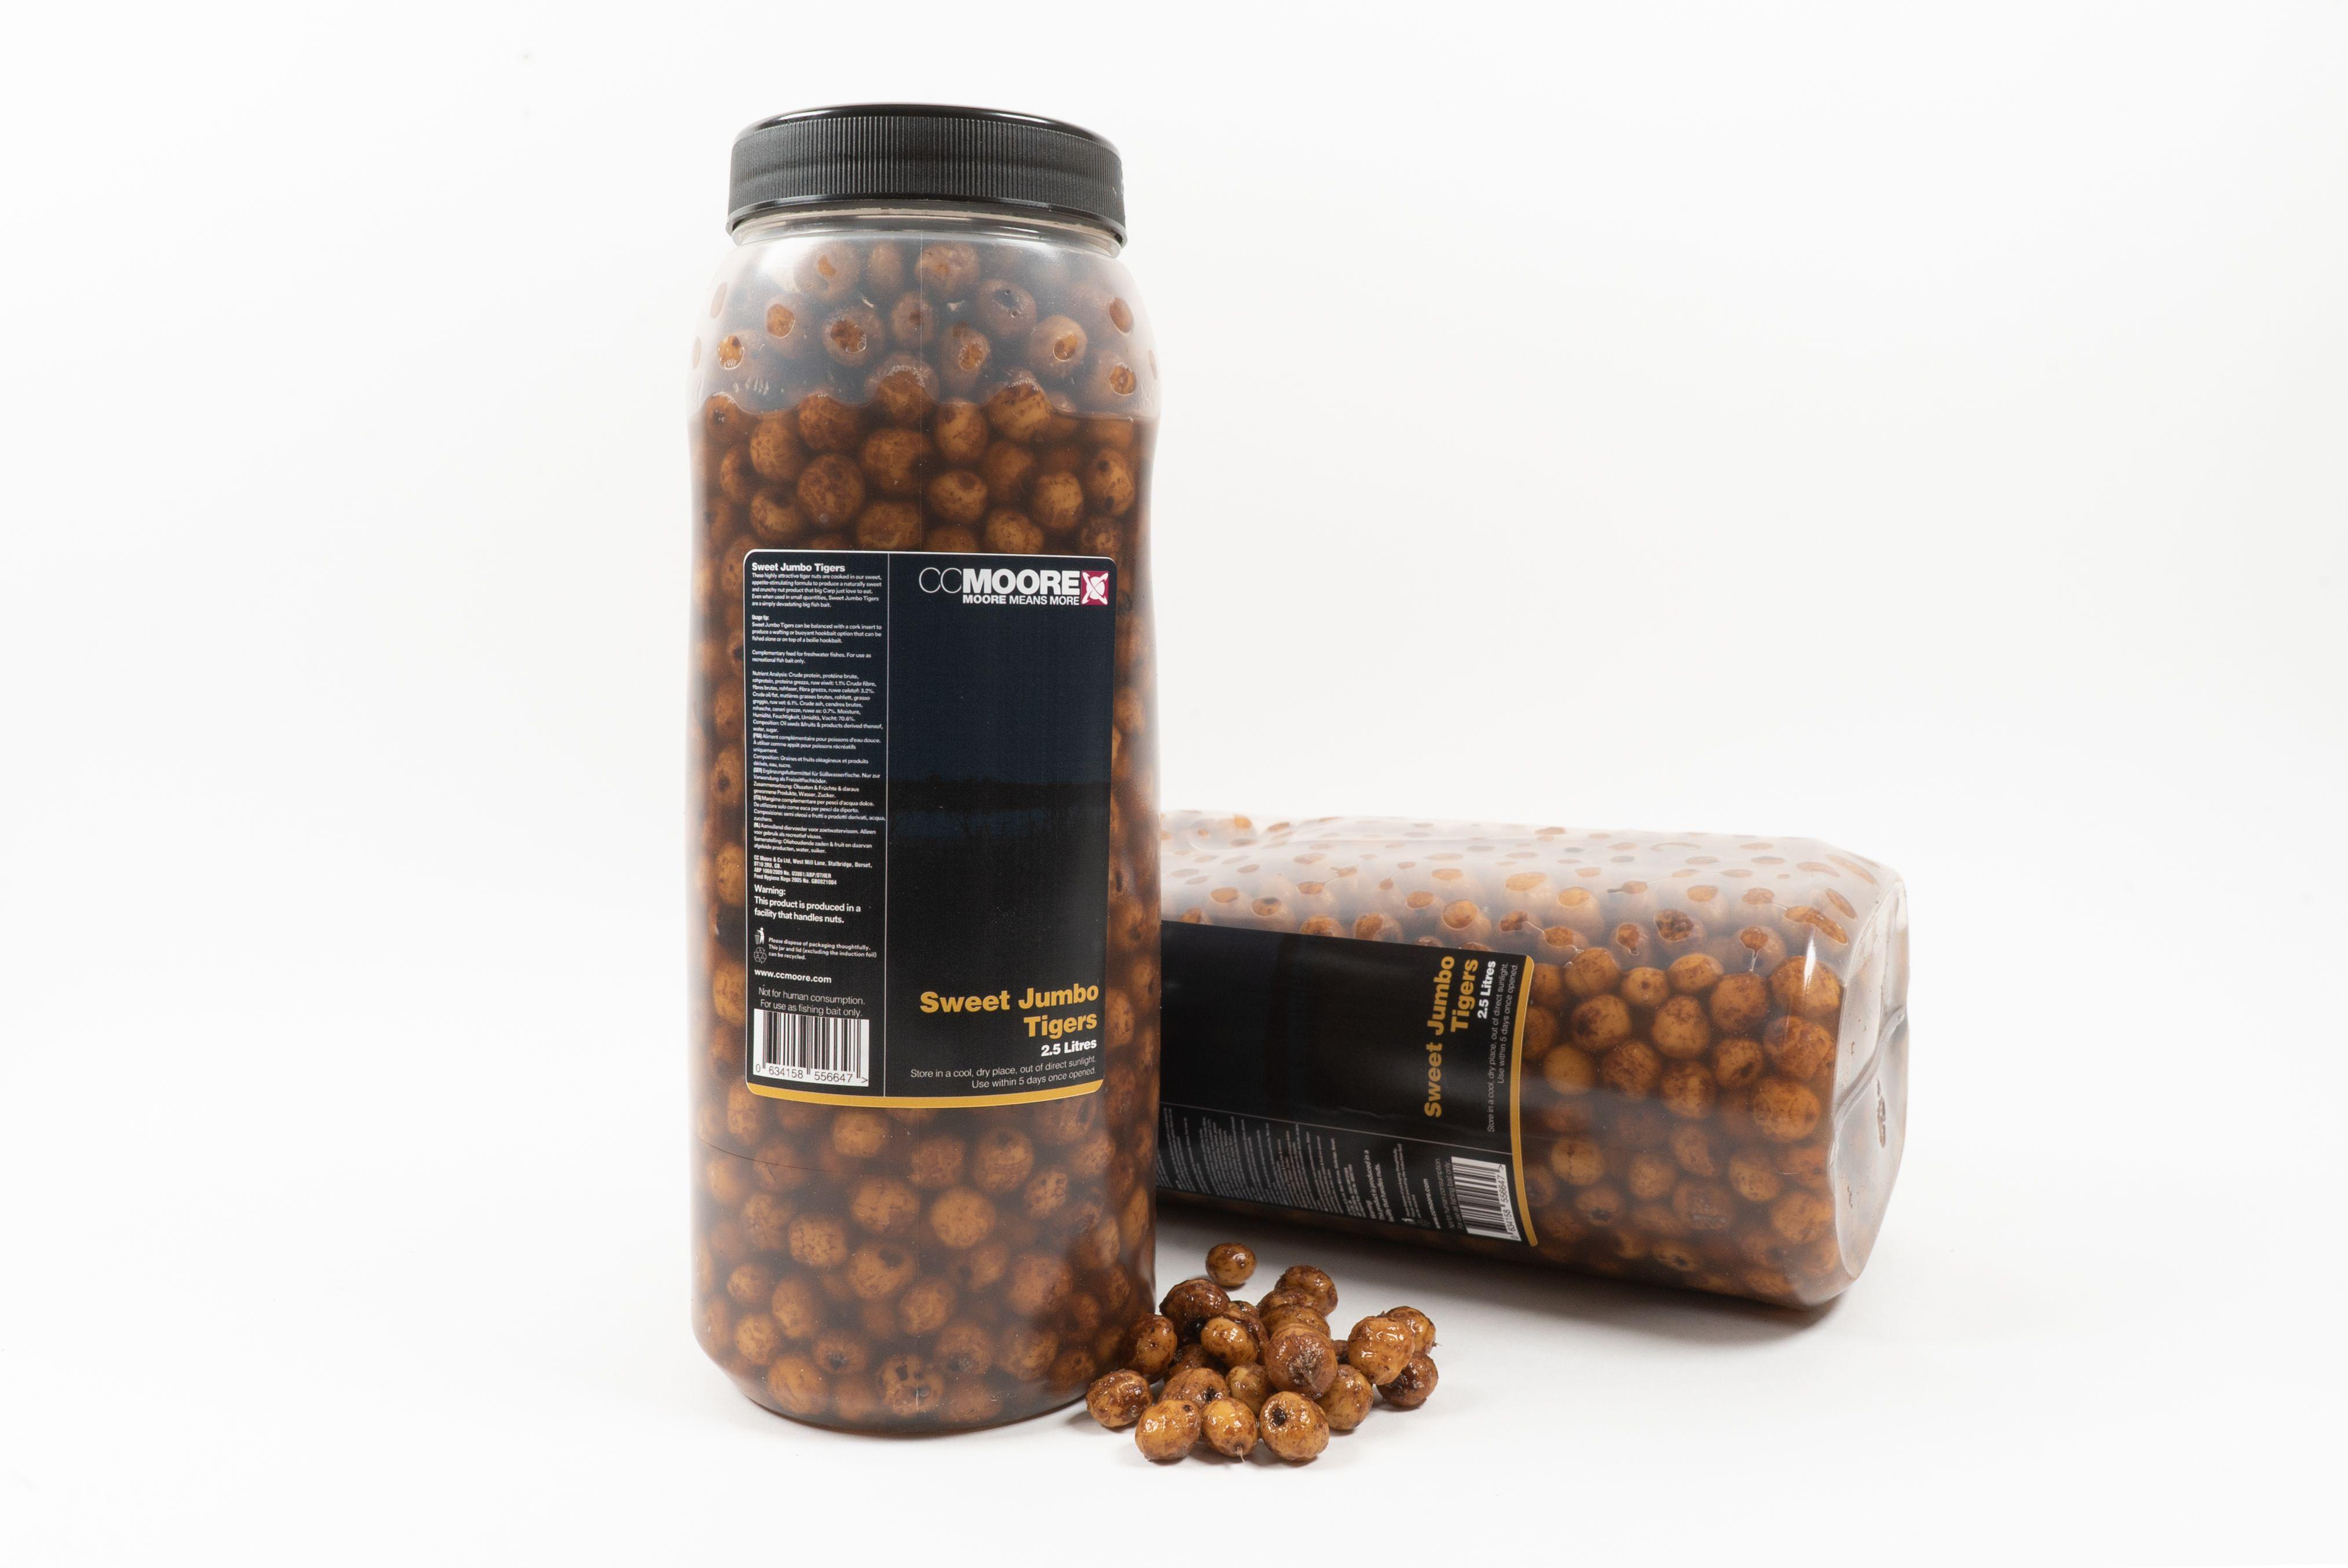 CC Moore nakládaný partikl - Sweet Jumbo velké tygří ořechy 2,5l